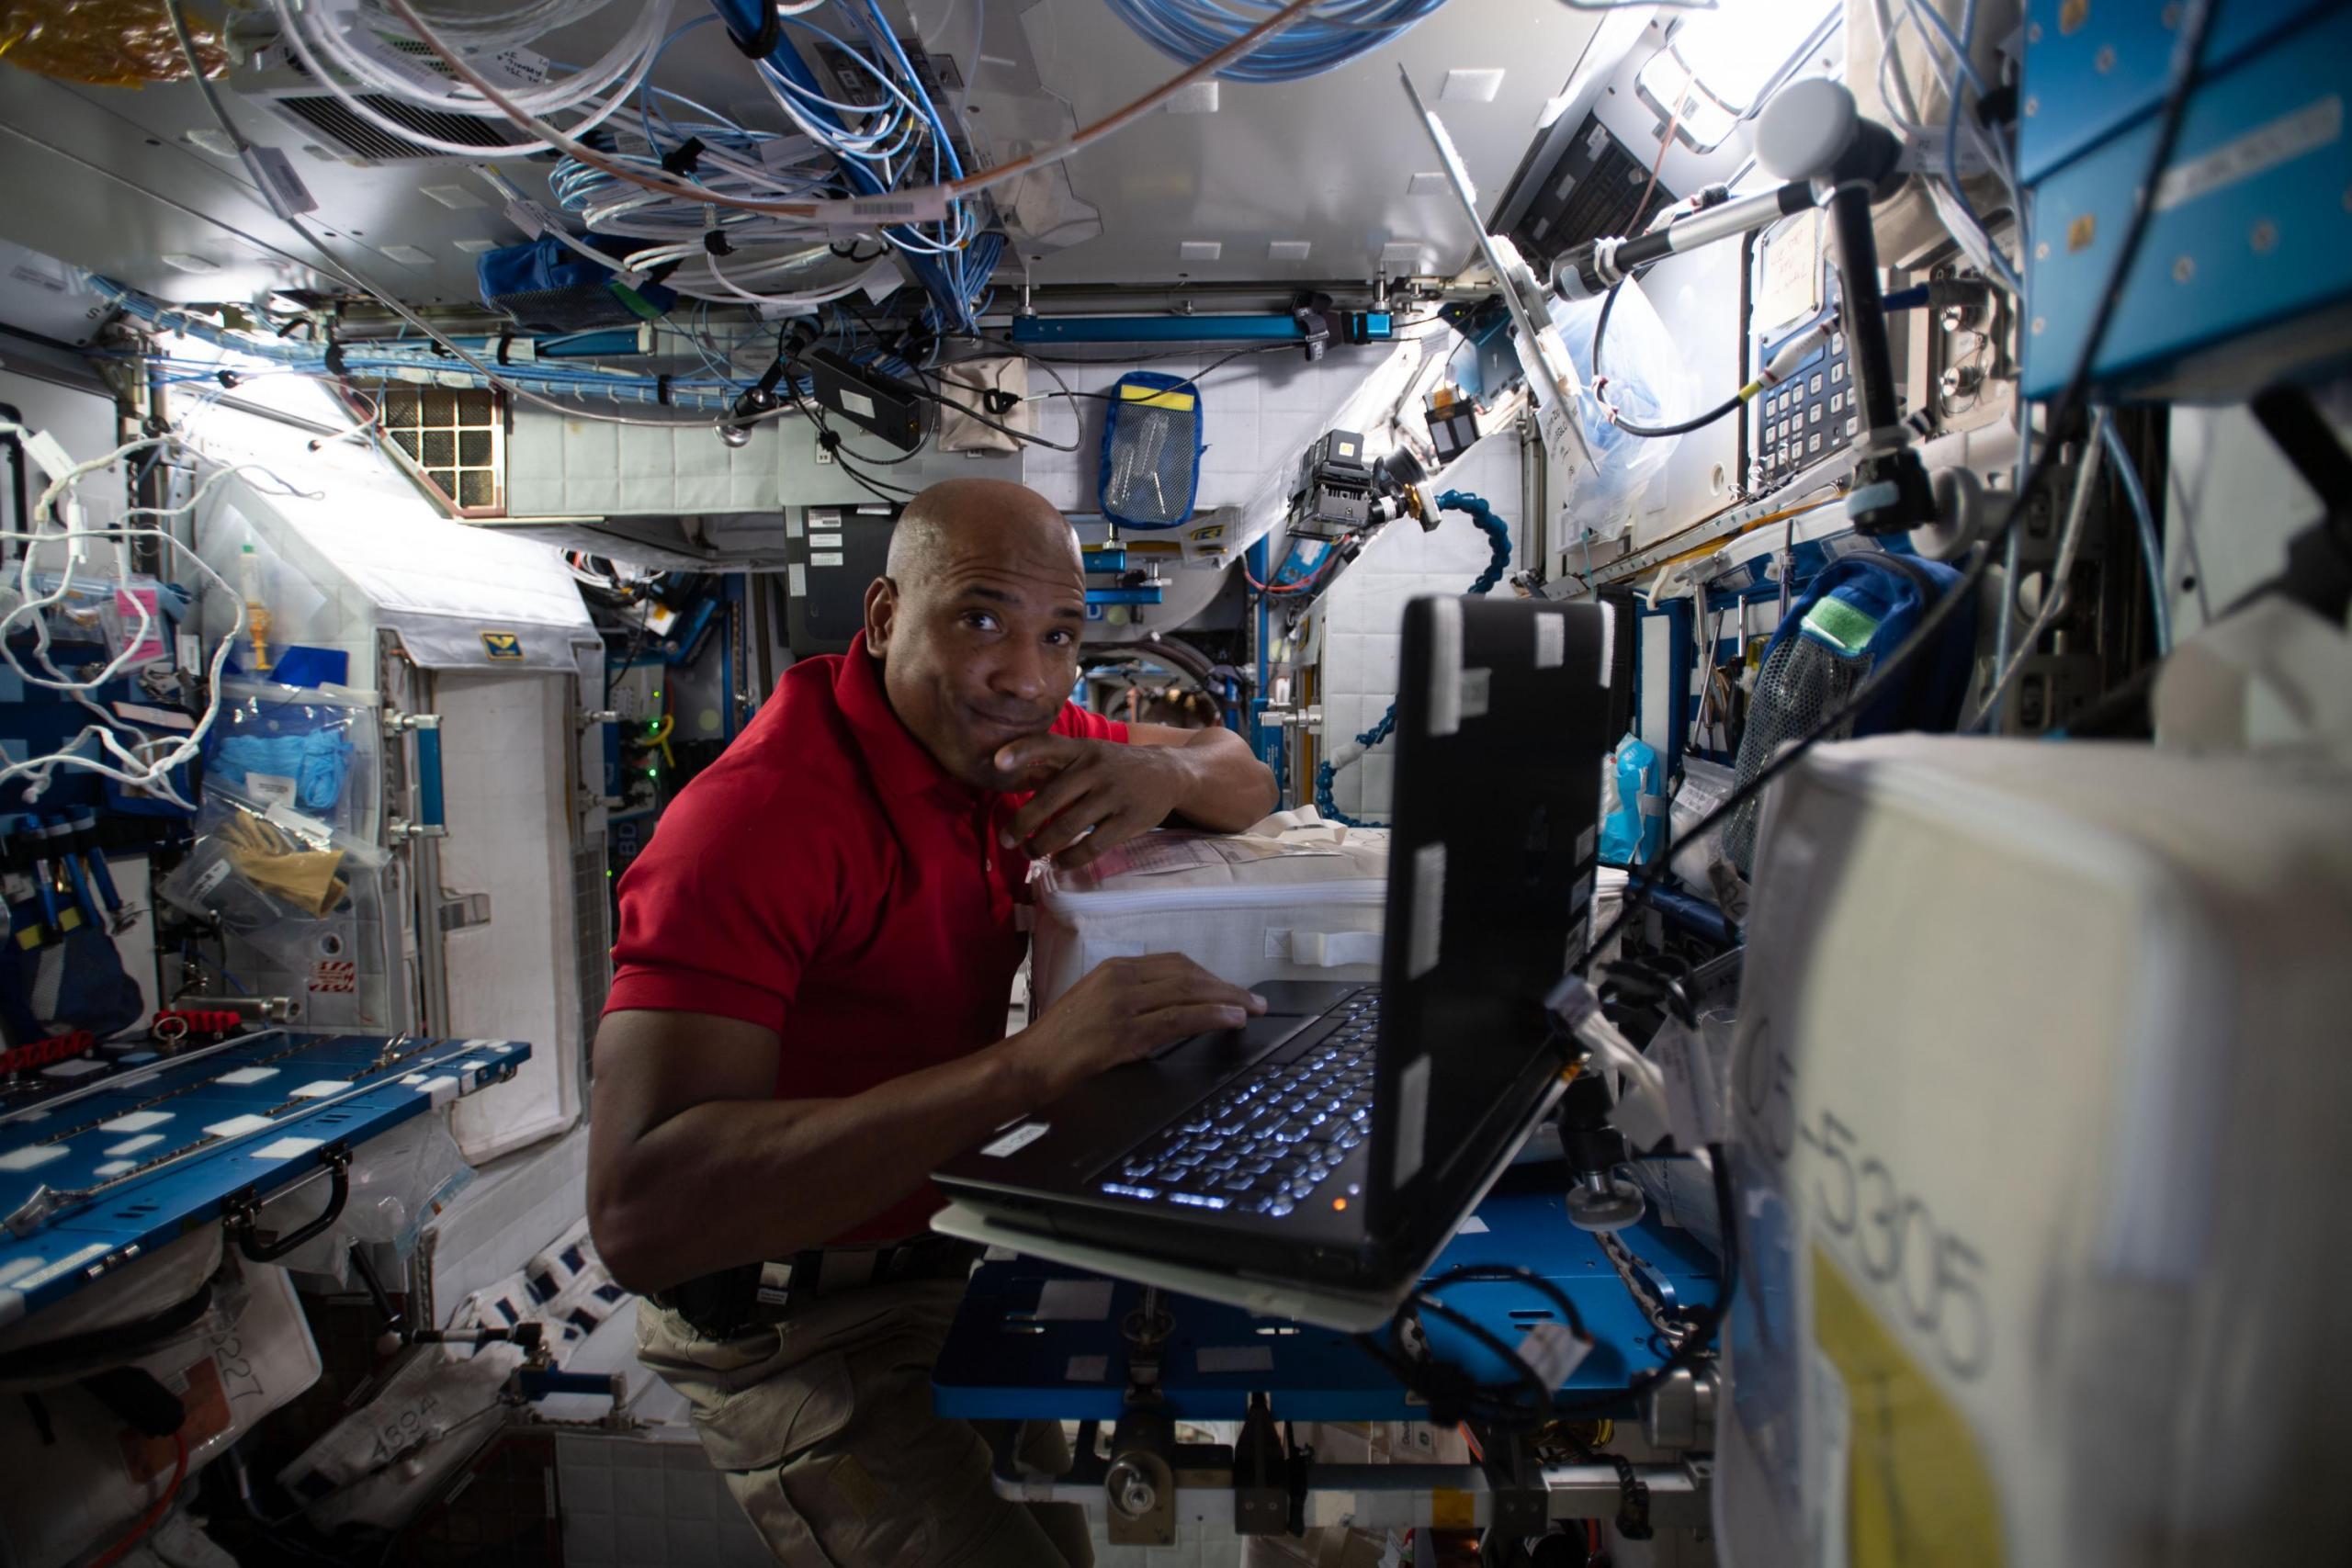 El astronauta Victor Glover trabaja en un experimento científico dentro de la estación espacial